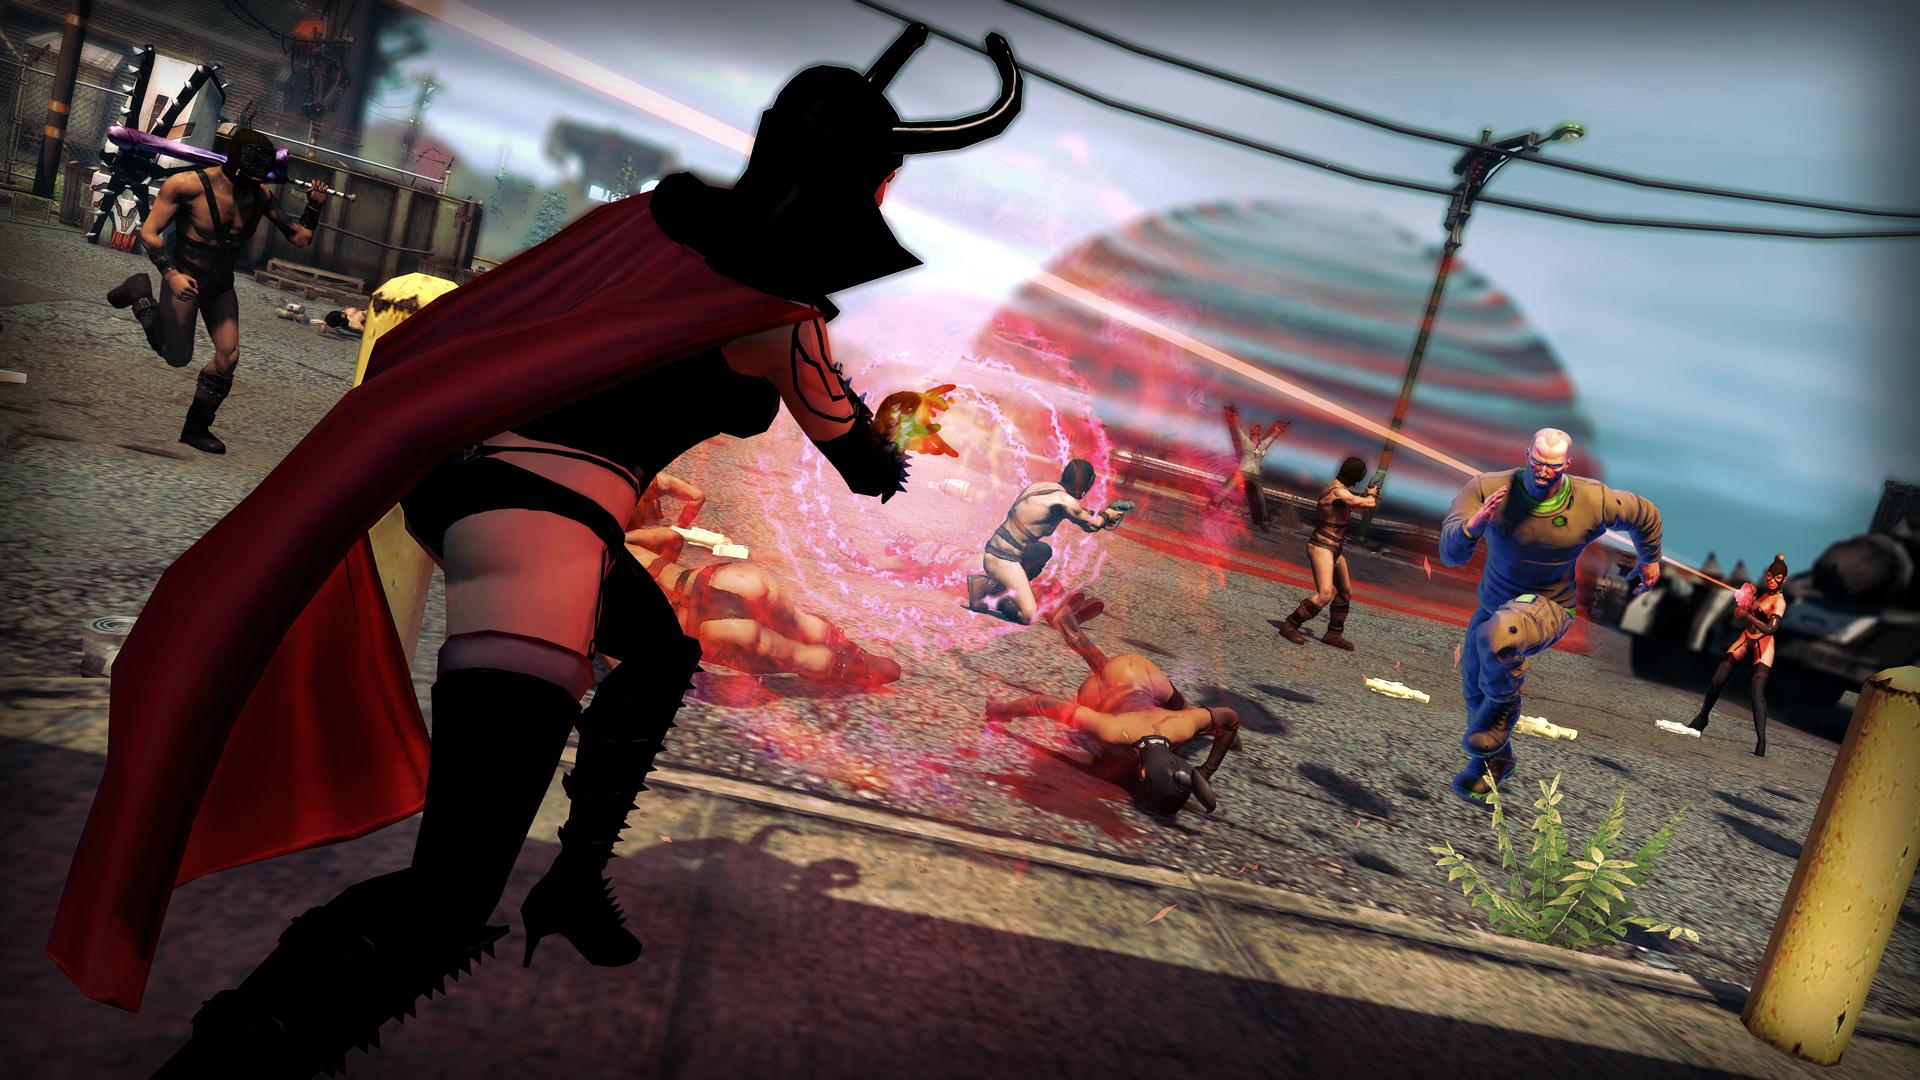 Obrázky z Enter the Dominatrix DLC k Saints Row 4 88773